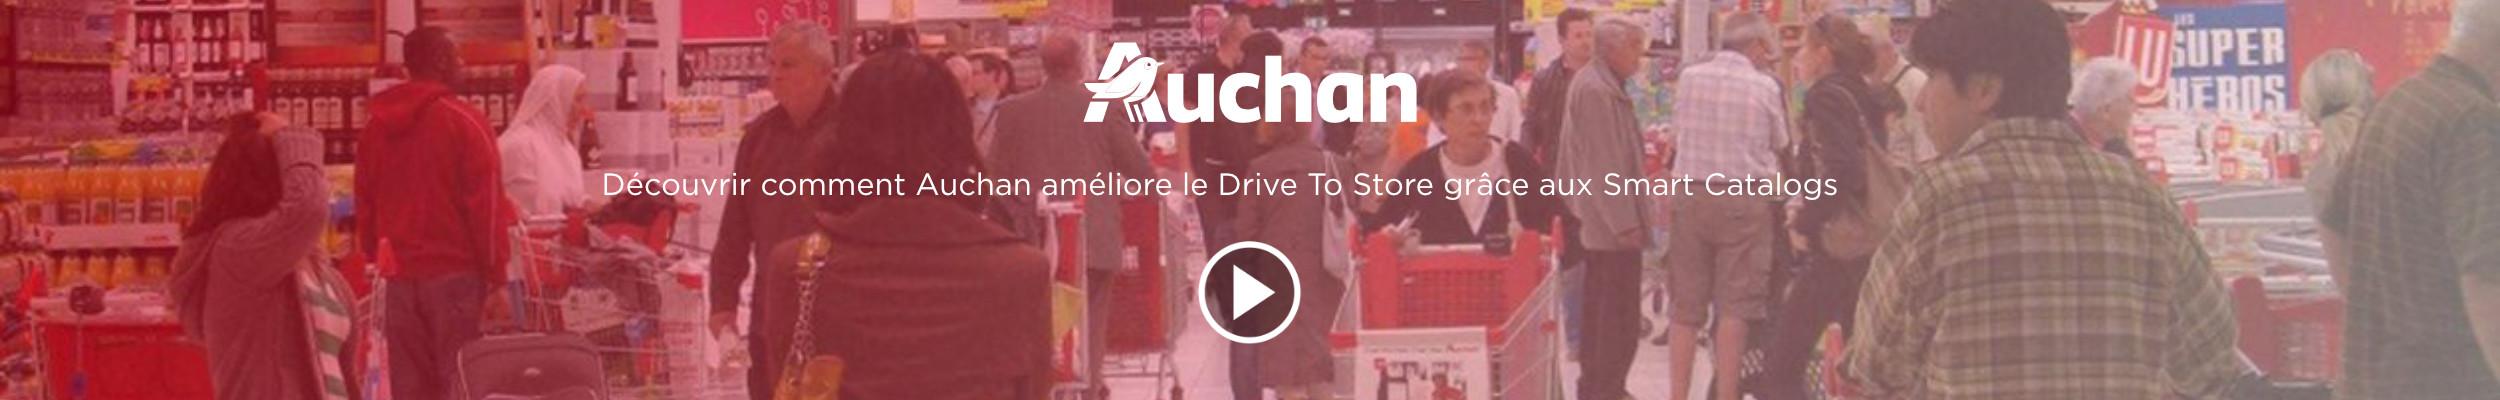 Bannière Auchan.jpg